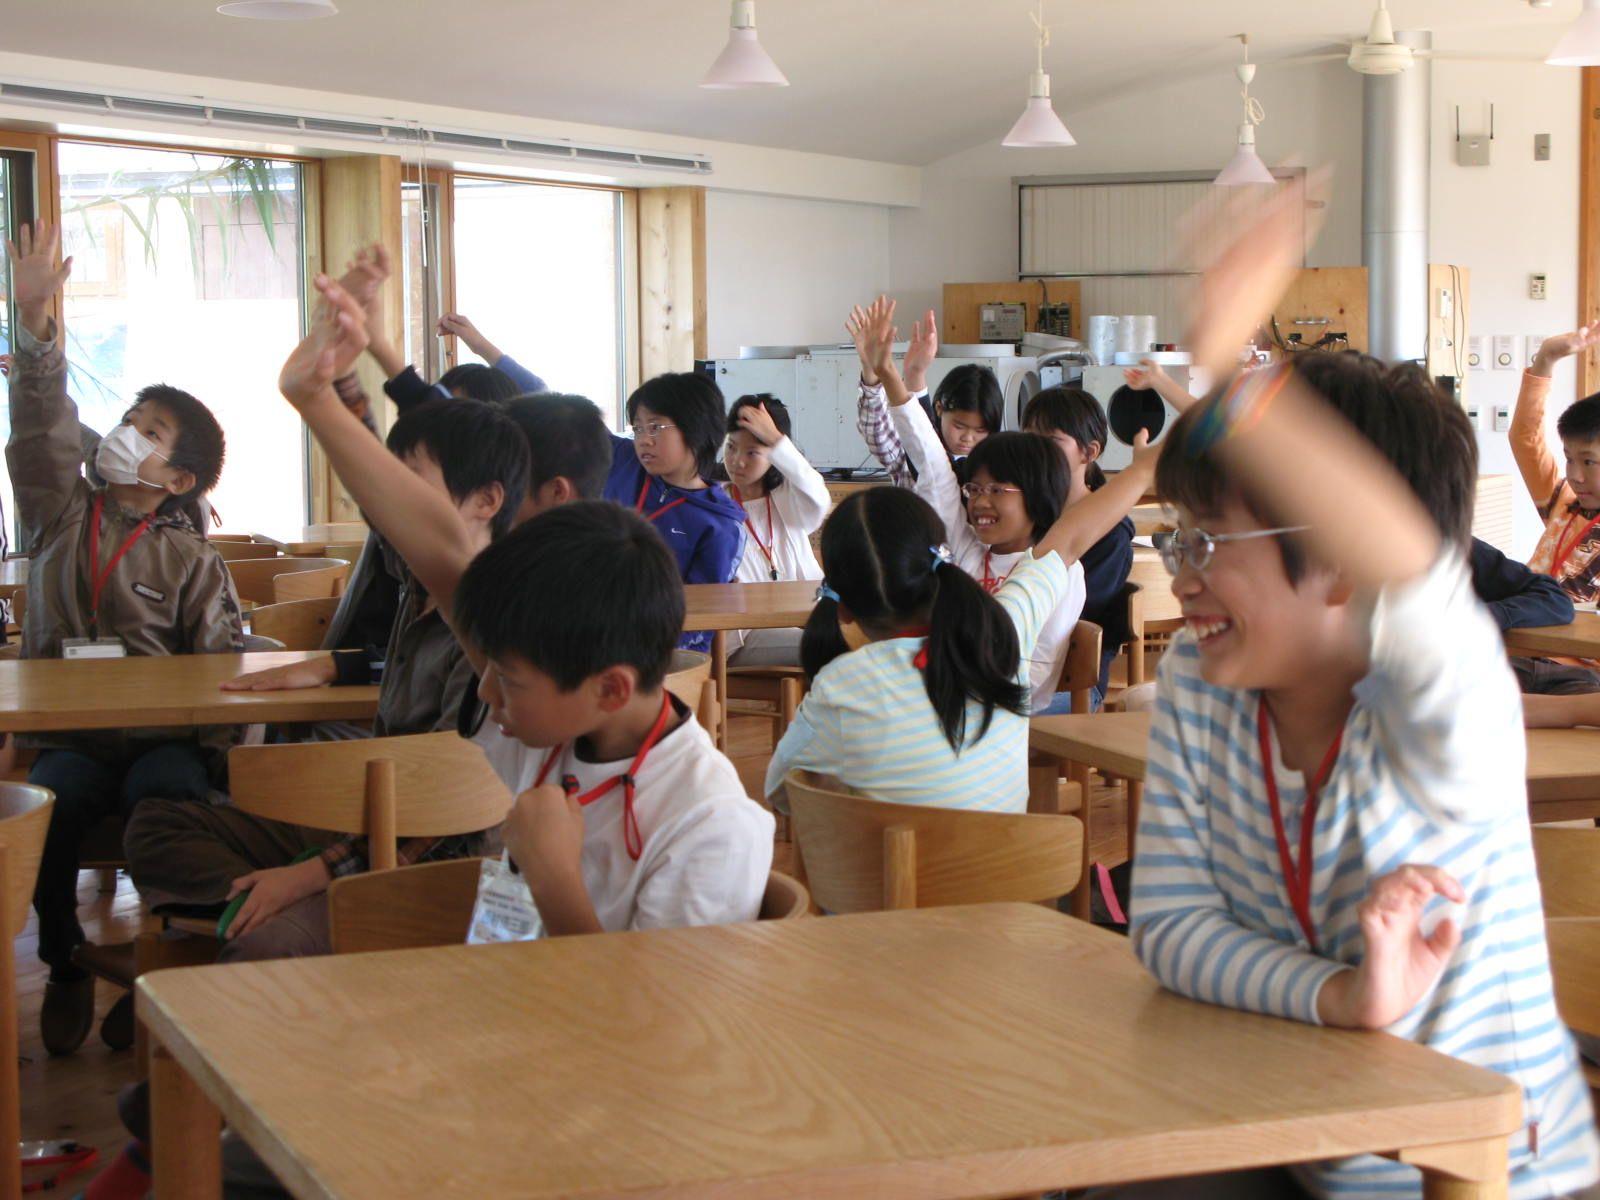 浜松科学館の理科教室「浜松サイエンスアドベンチャークラブ」の皆さん。